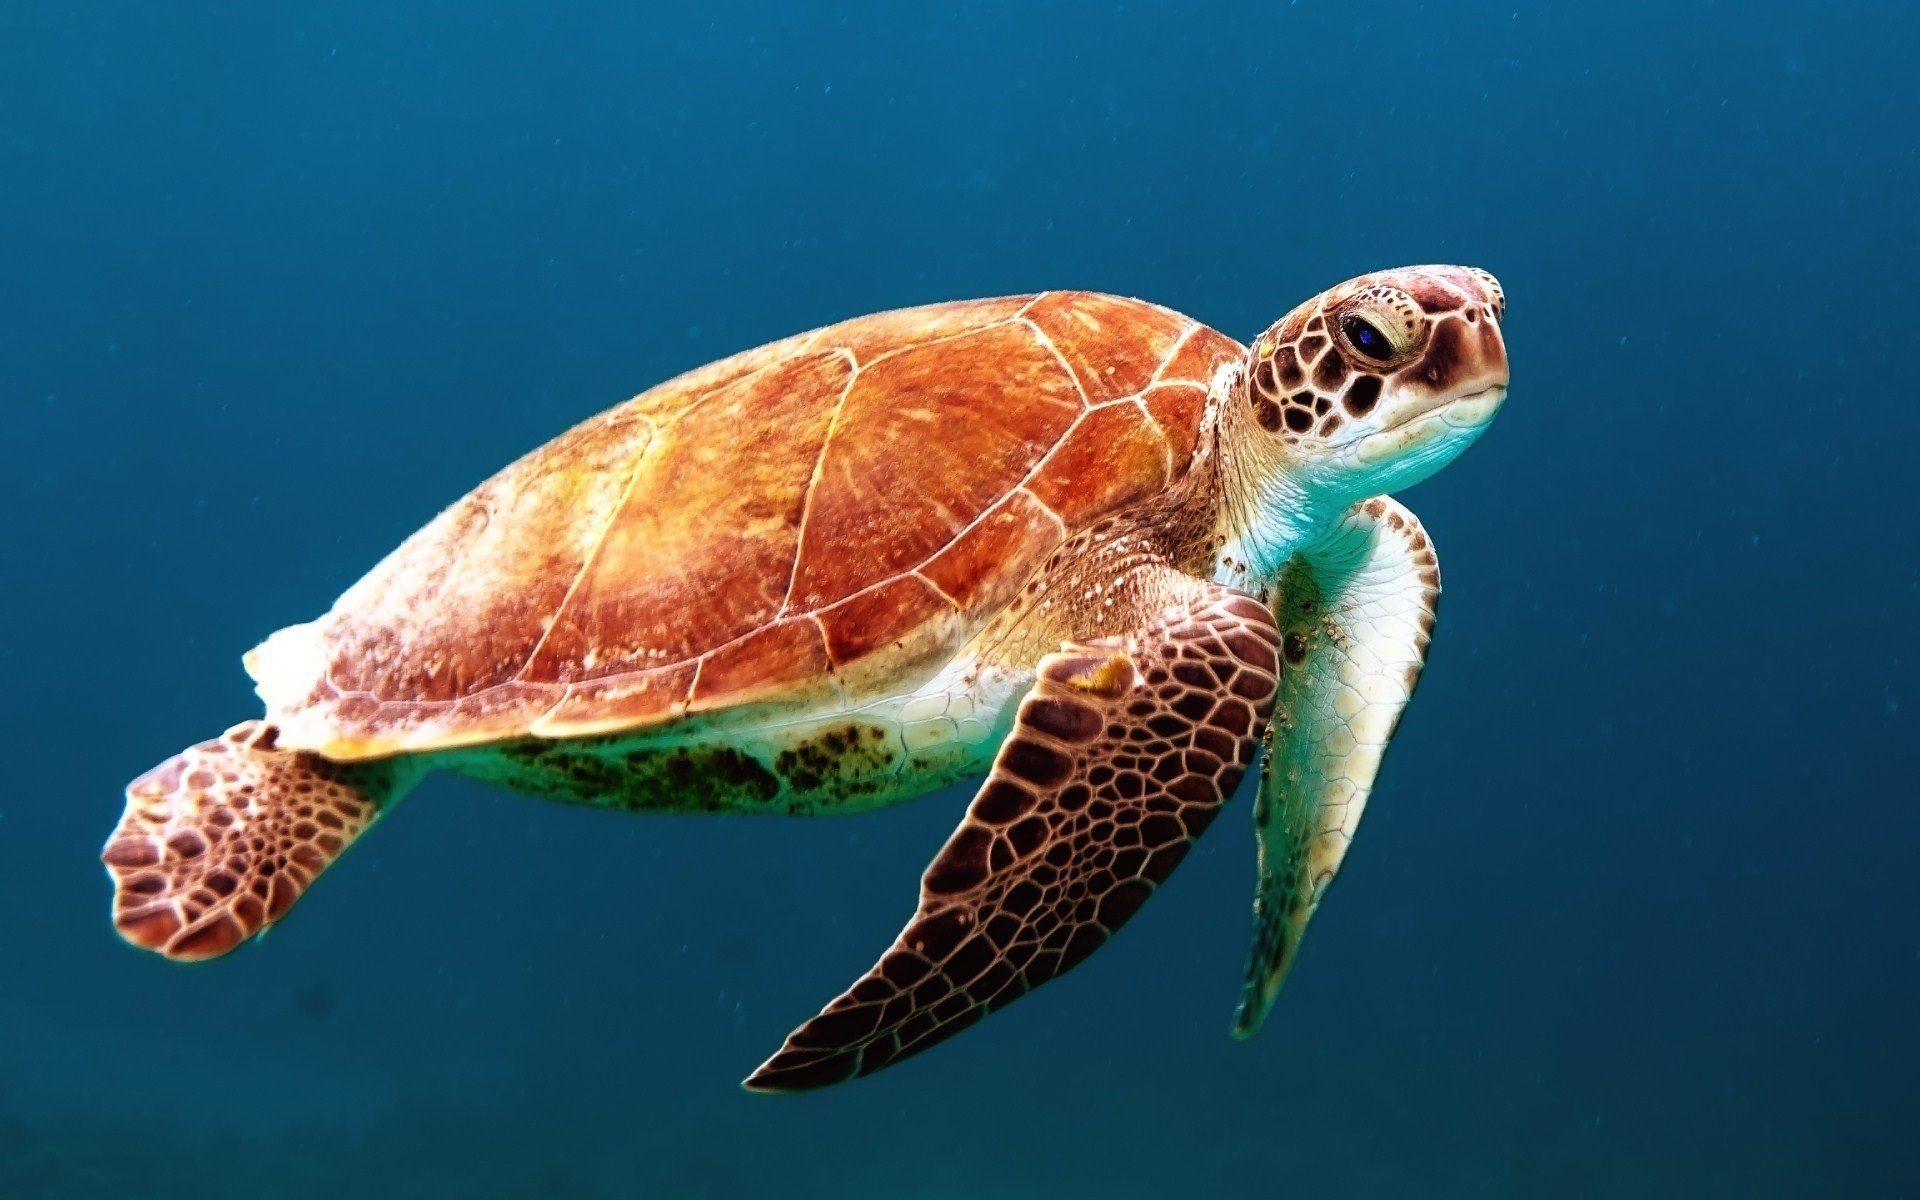 Χελώνα, Μαρίνα, Ωκεανός, υποβρύχια, πολύχρωμο - Wallpapers HD - Professor-falken.com